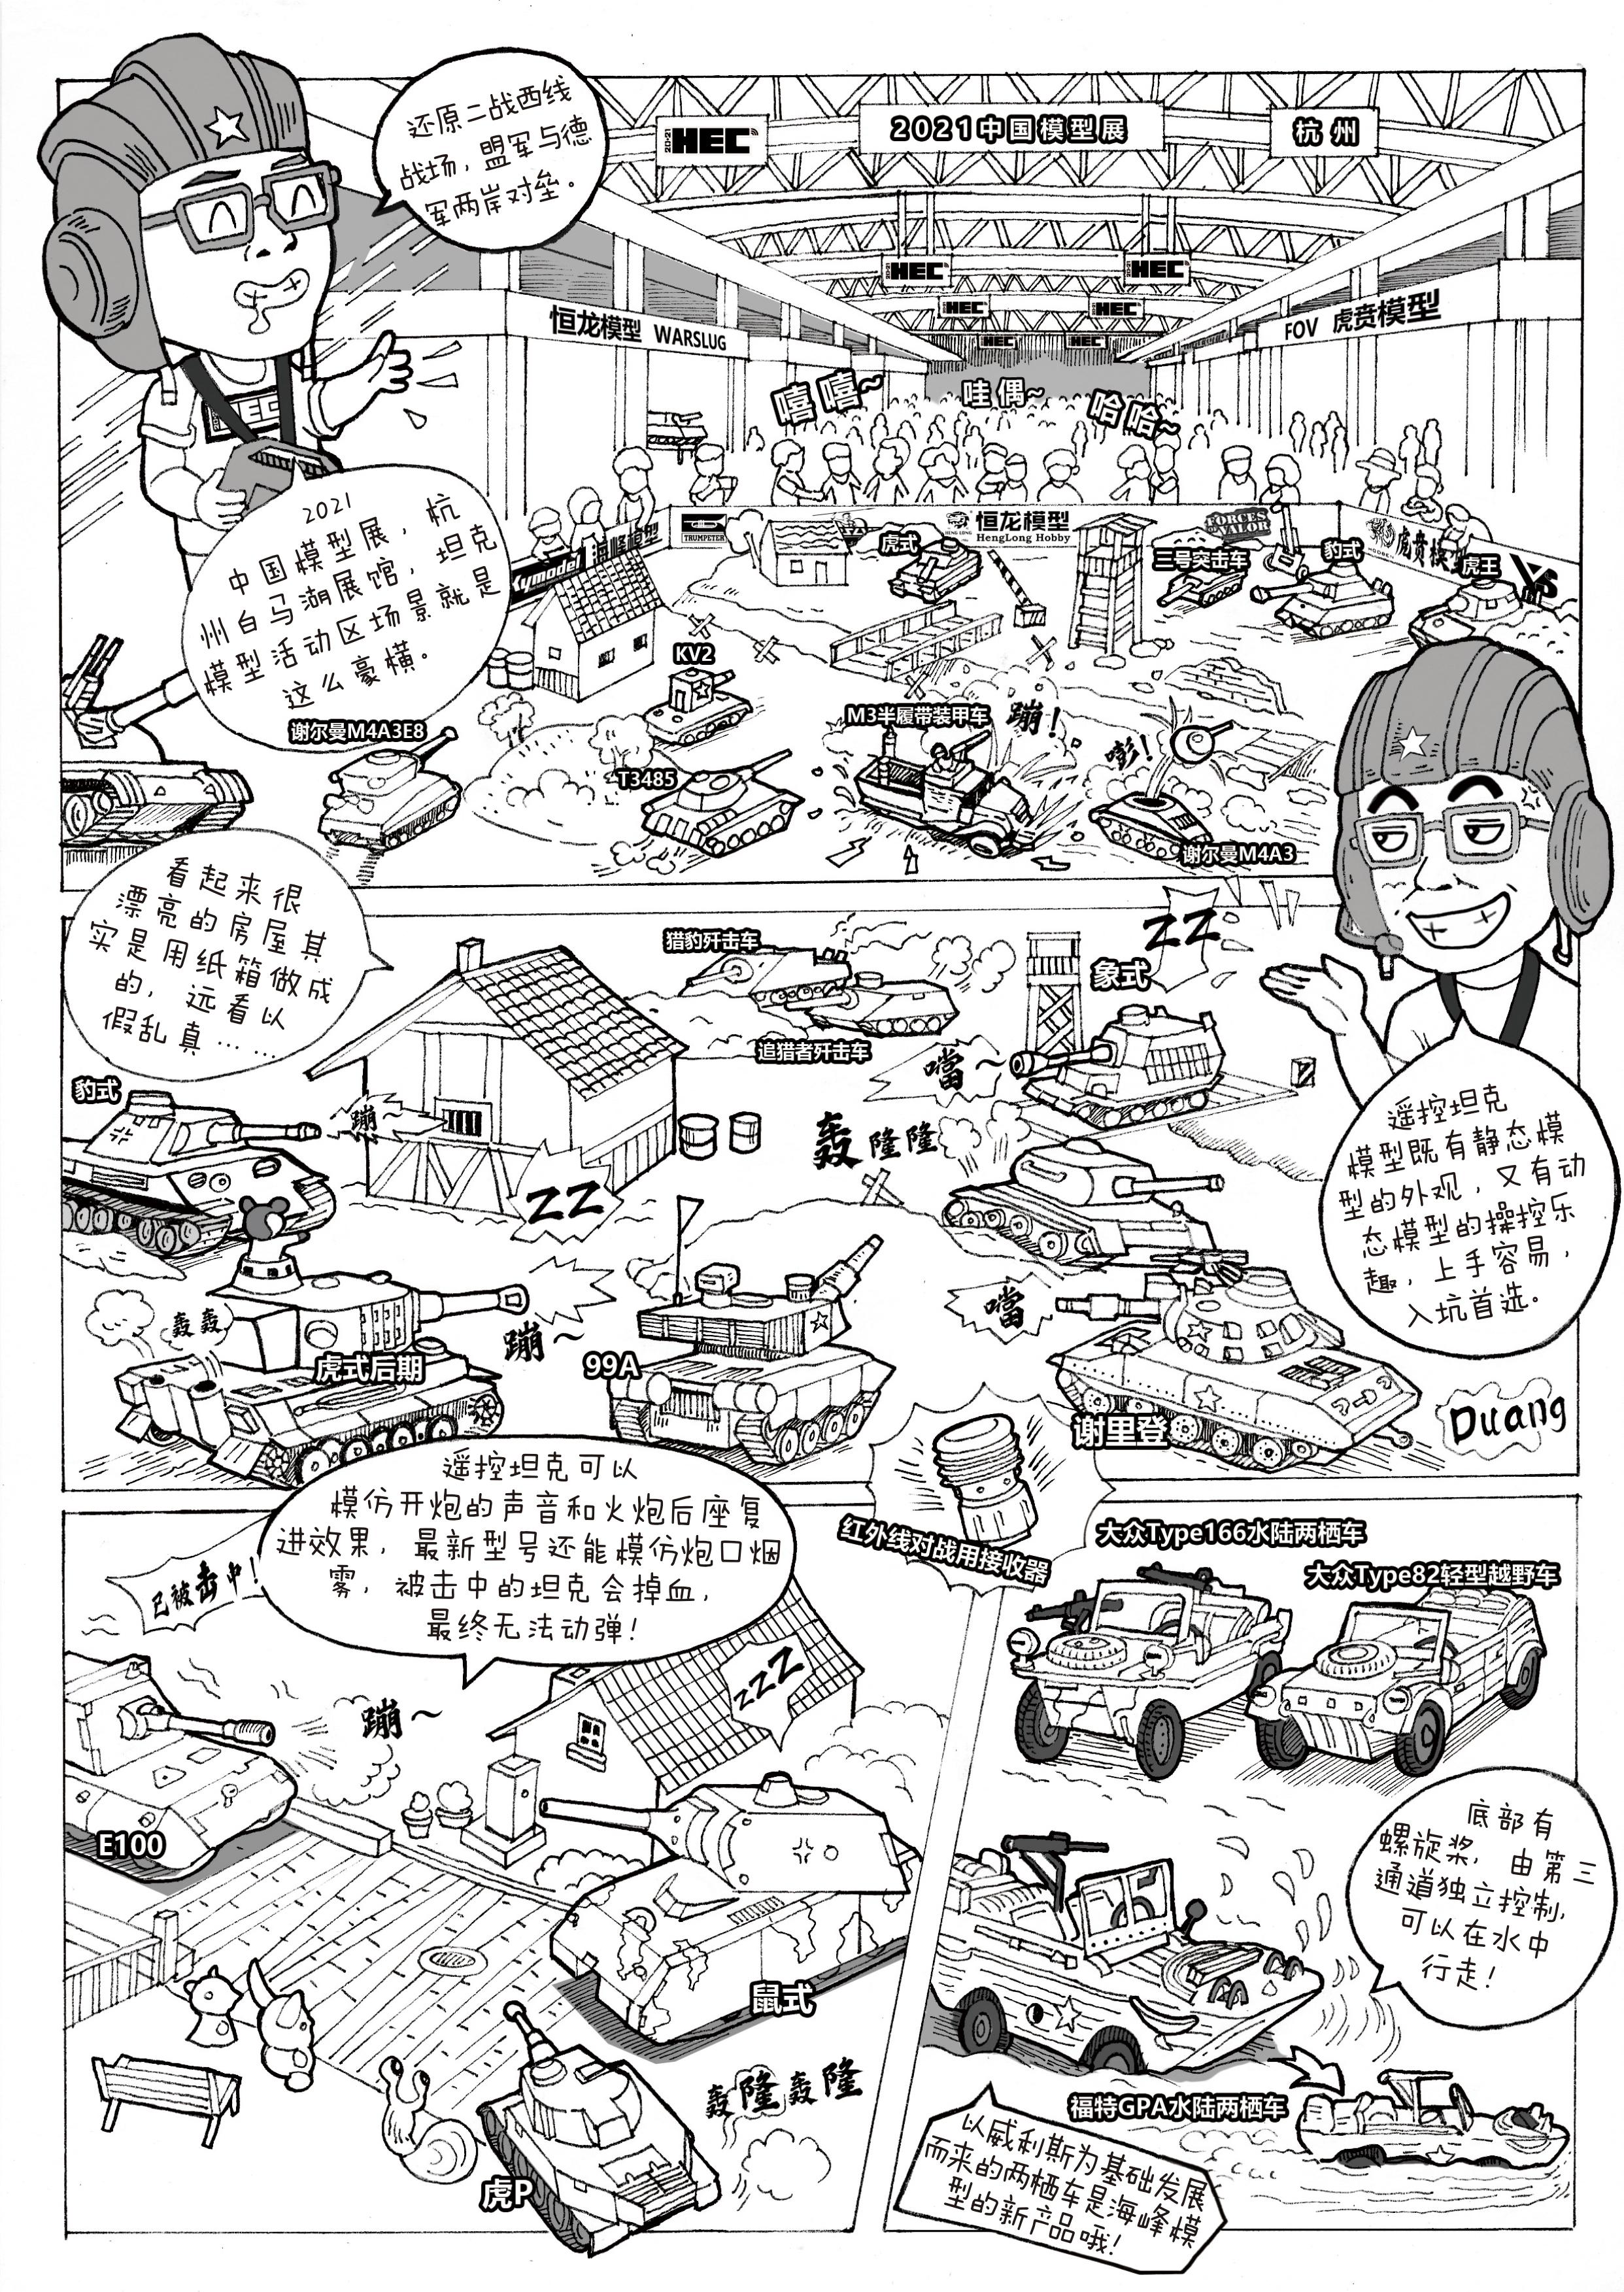 """中国国际模型博览会移师杭州白马湖 坦克世界活动""""车长""""招募开始啦!"""